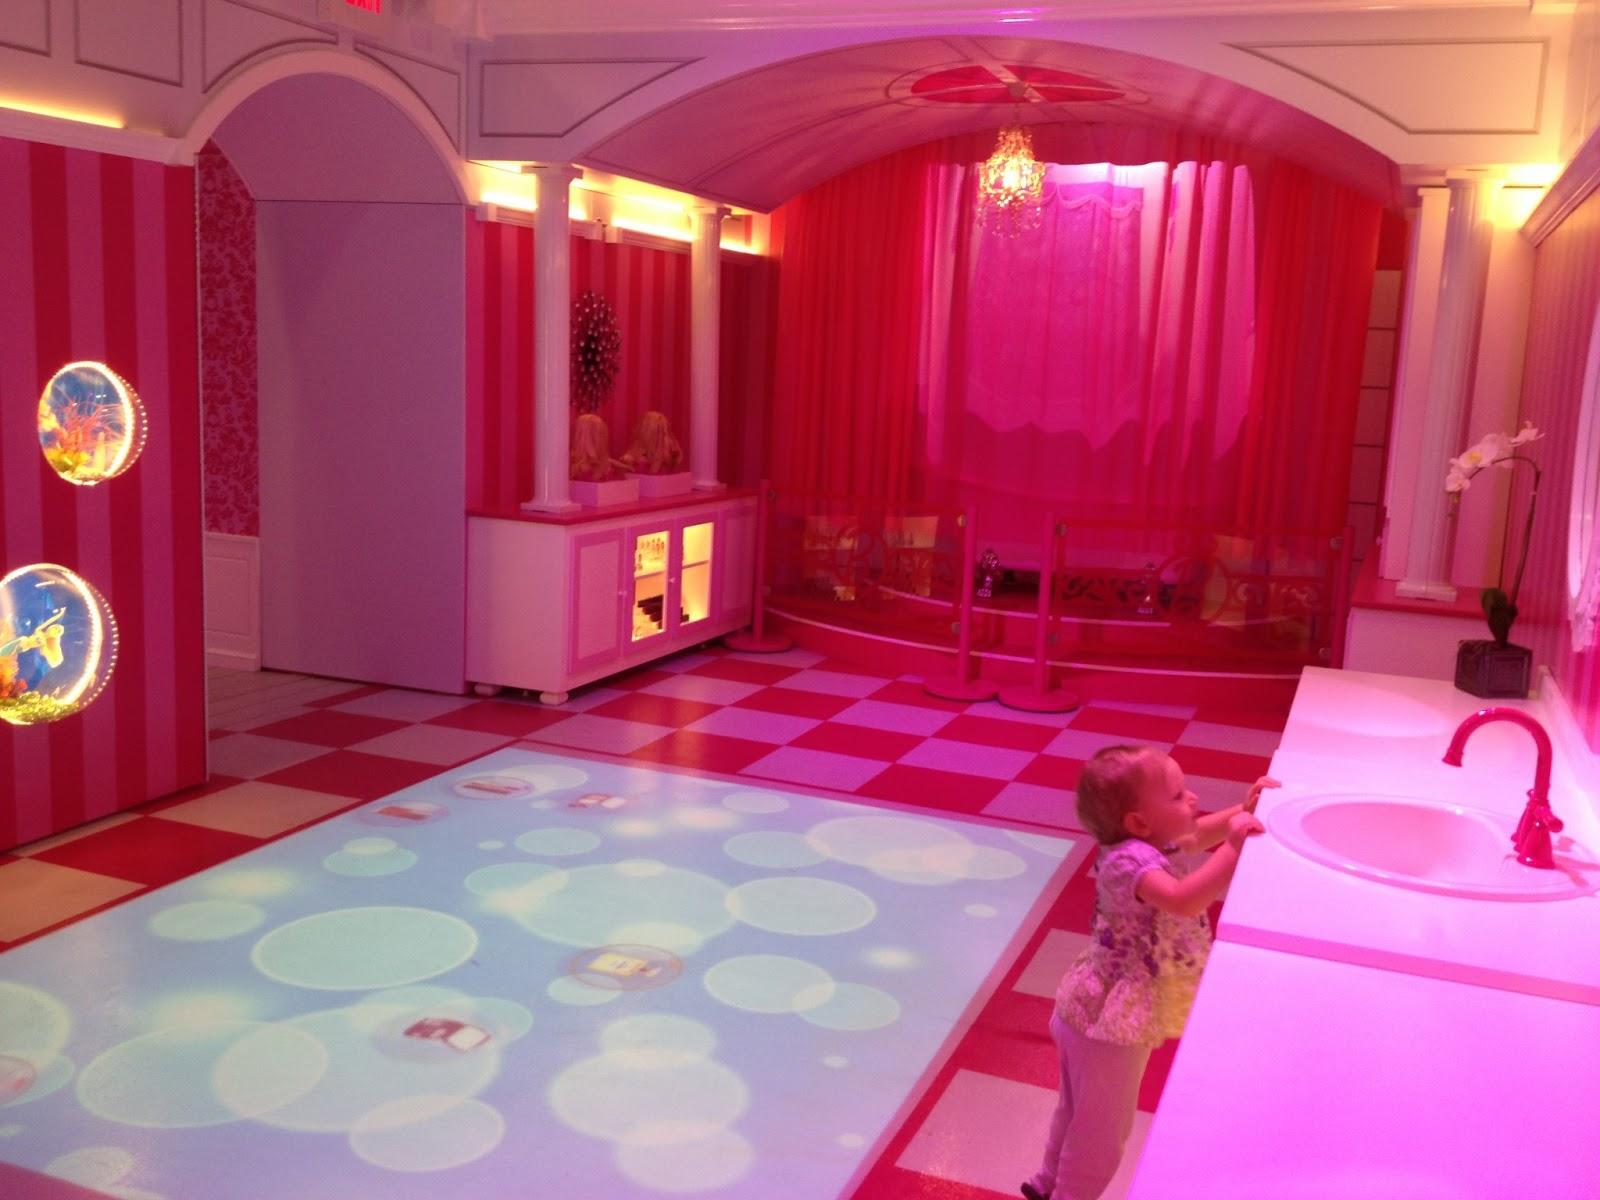 Barbie 39 S Bathroom. Barbie Bathroom  13 Of 14 Retro Barbie Bathroom Diorama